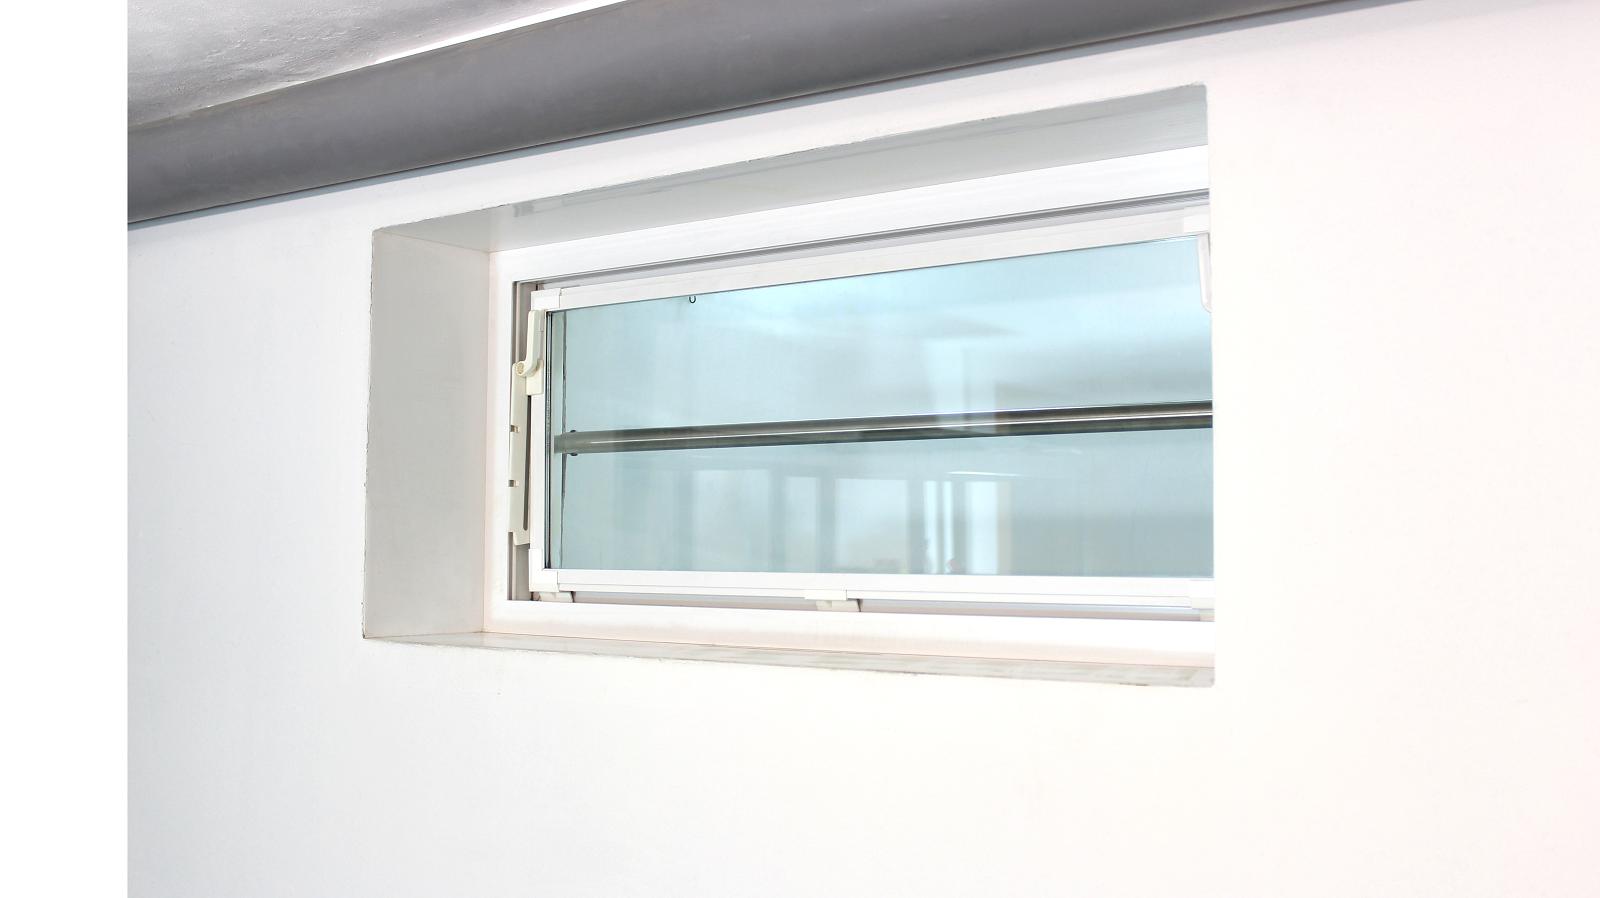 Full Size of Einbruchschutz Fenster Archives Kellerfensterbiz Rc3 Aluminium Bremen Polen Gebrauchte Kaufen Günstige Plissee Drutex Test Sonnenschutz Für Nachrüsten Fenster Einbruchschutz Fenster